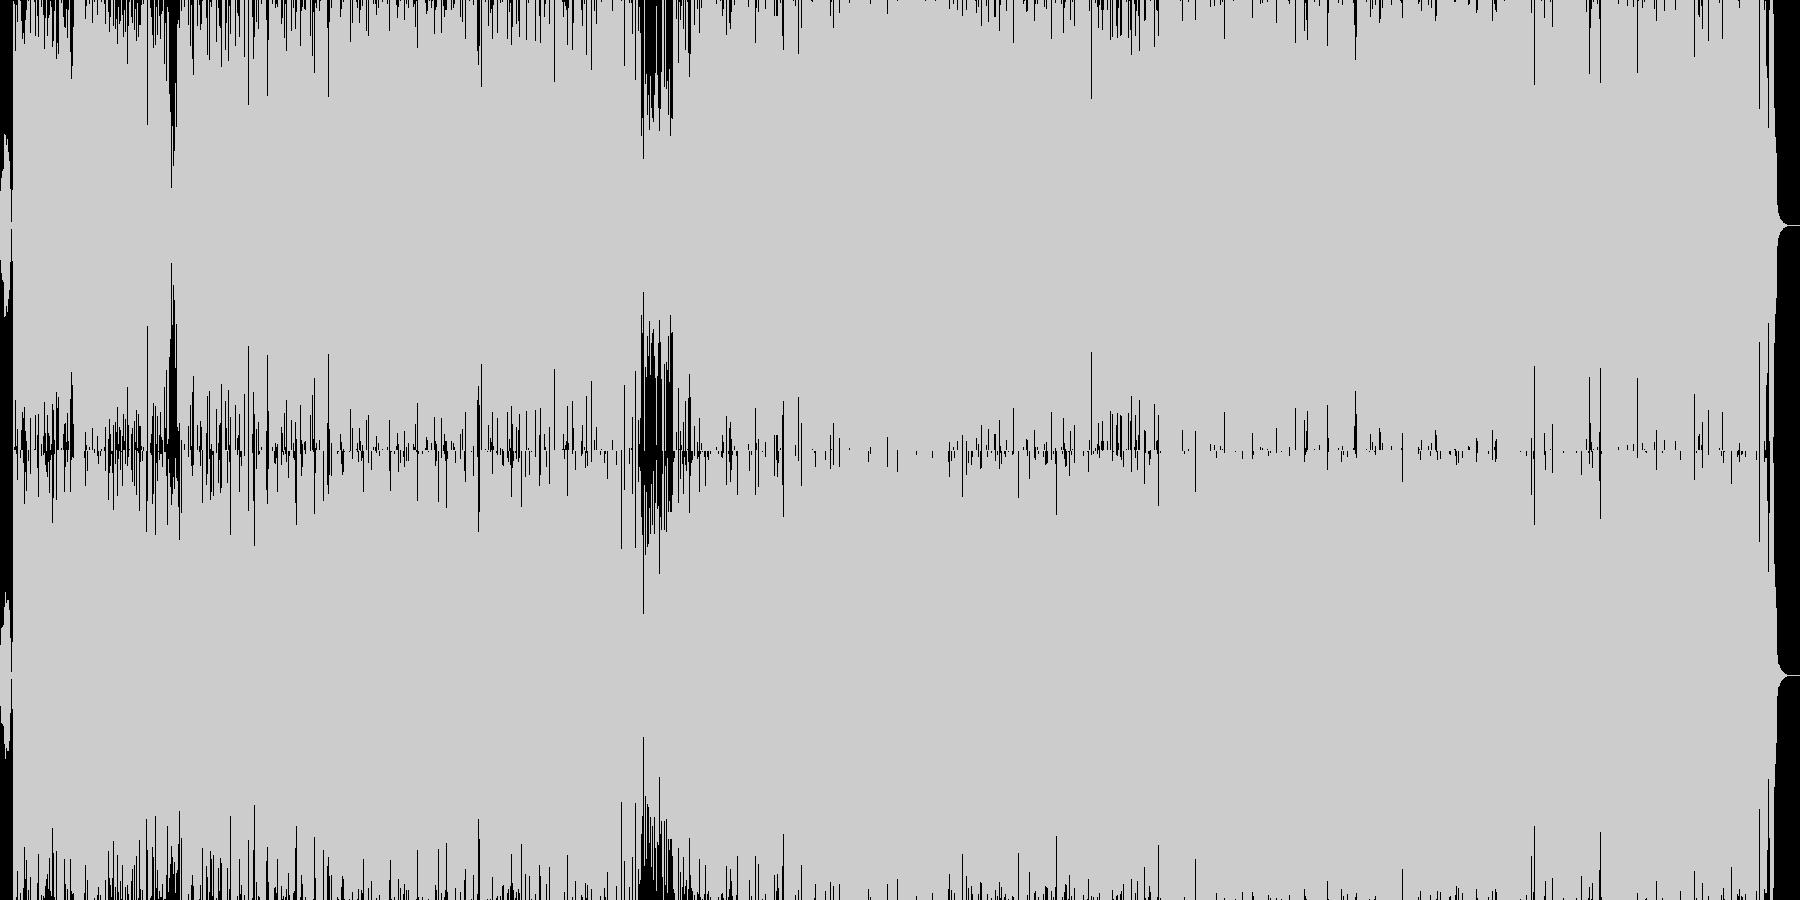 スキャットラテンジャズの未再生の波形